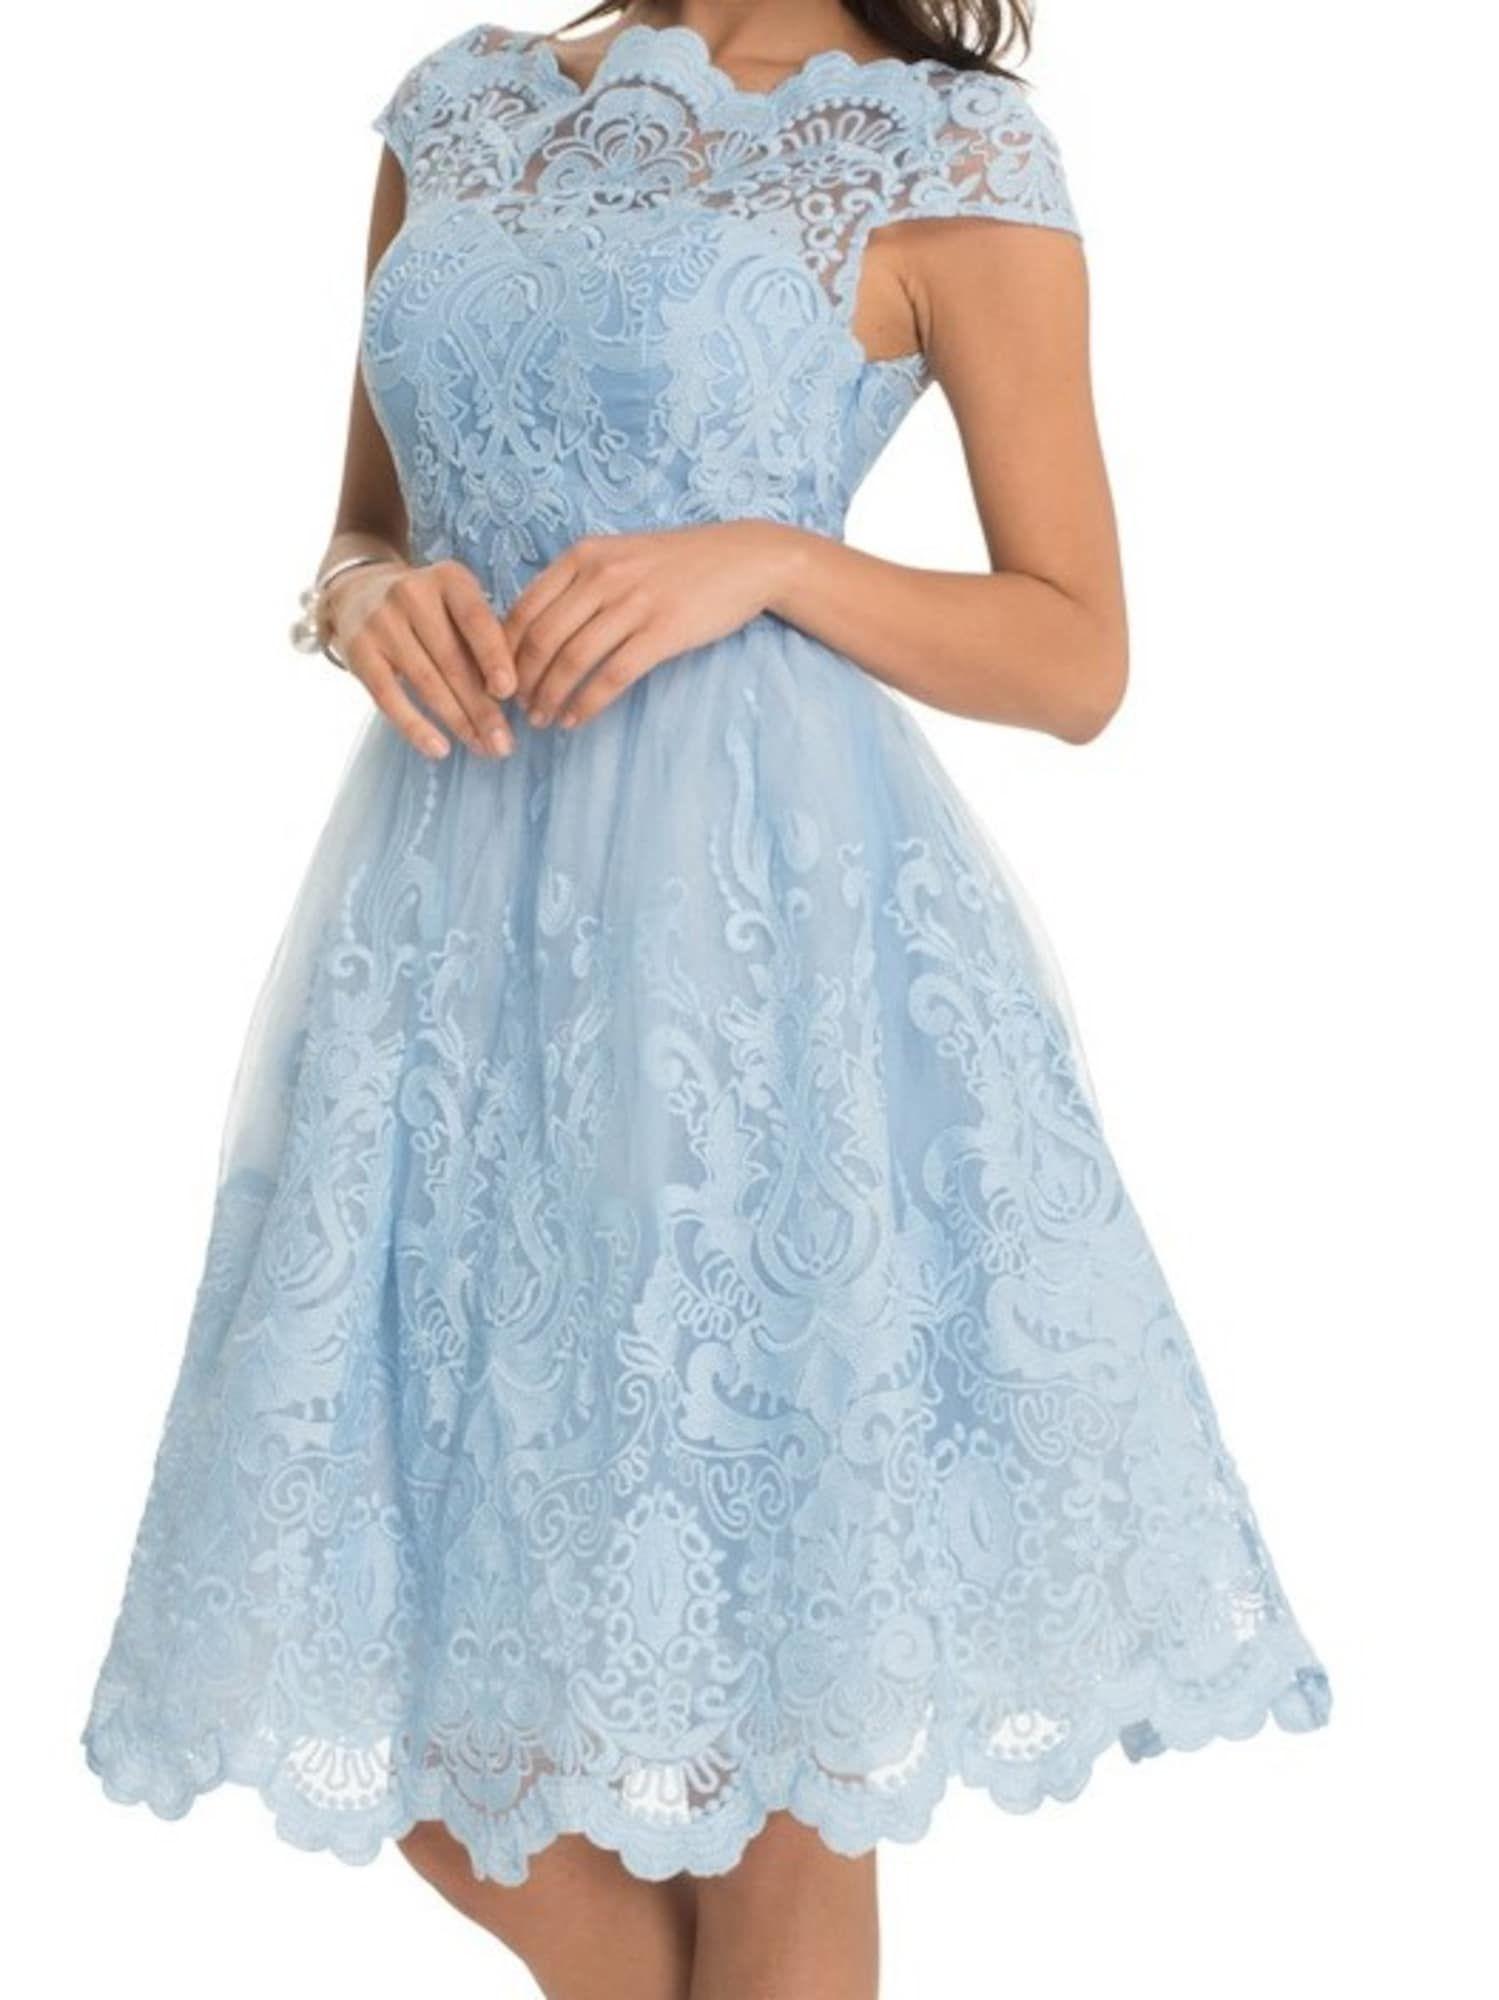 Chi Chi London Kleid Mit Schwingendem Rock Rhiannon Dress Damen Hellblau Grosse 38 Kleider Chi Chi London Kleid Und Cocktailkleid Spitze